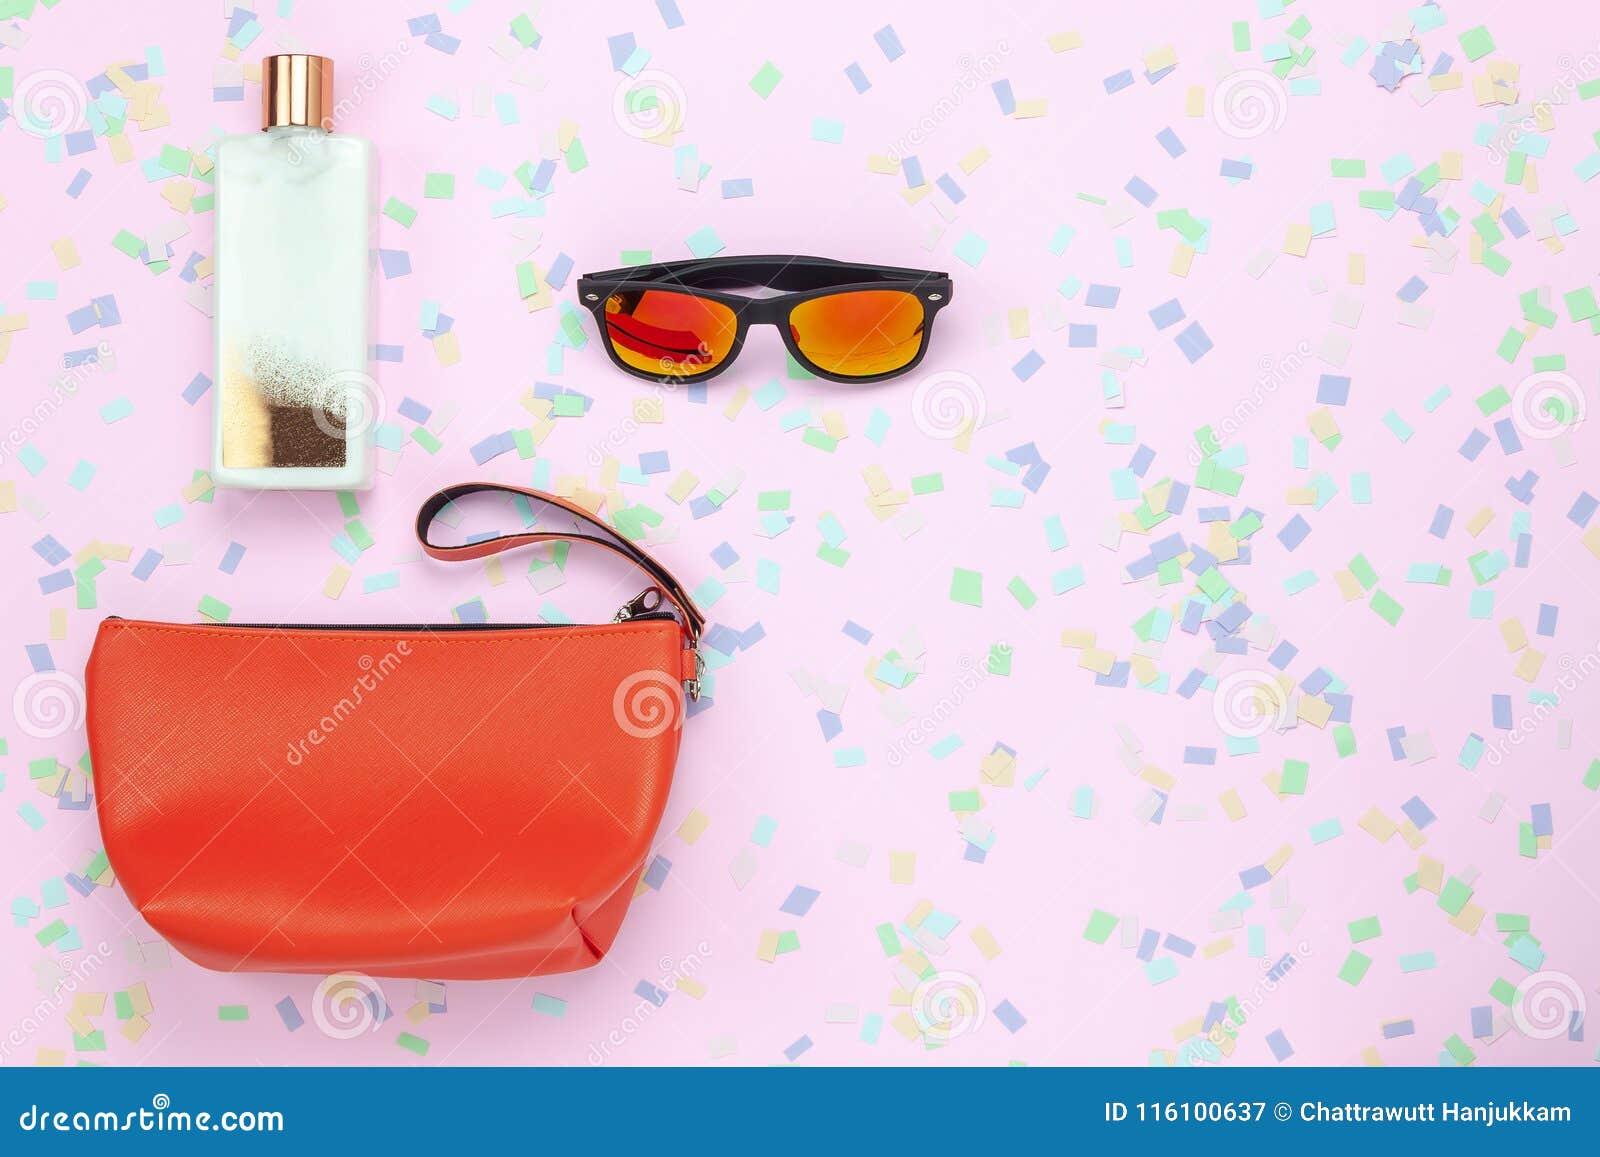 Imagen aérea de la opinión de sobremesa de la ropa de la mujer a viajar día de fiesta de la estación de verano